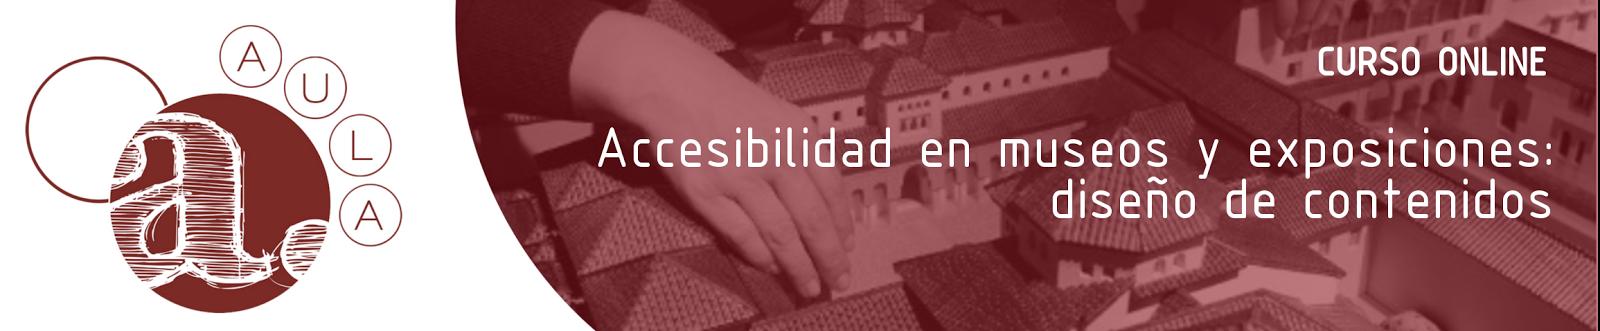 Logotipo de la empresa Agmagre. Texto incluido: Curso online. Accesibilidad en museos y exposiciones: diseño de contenidos.